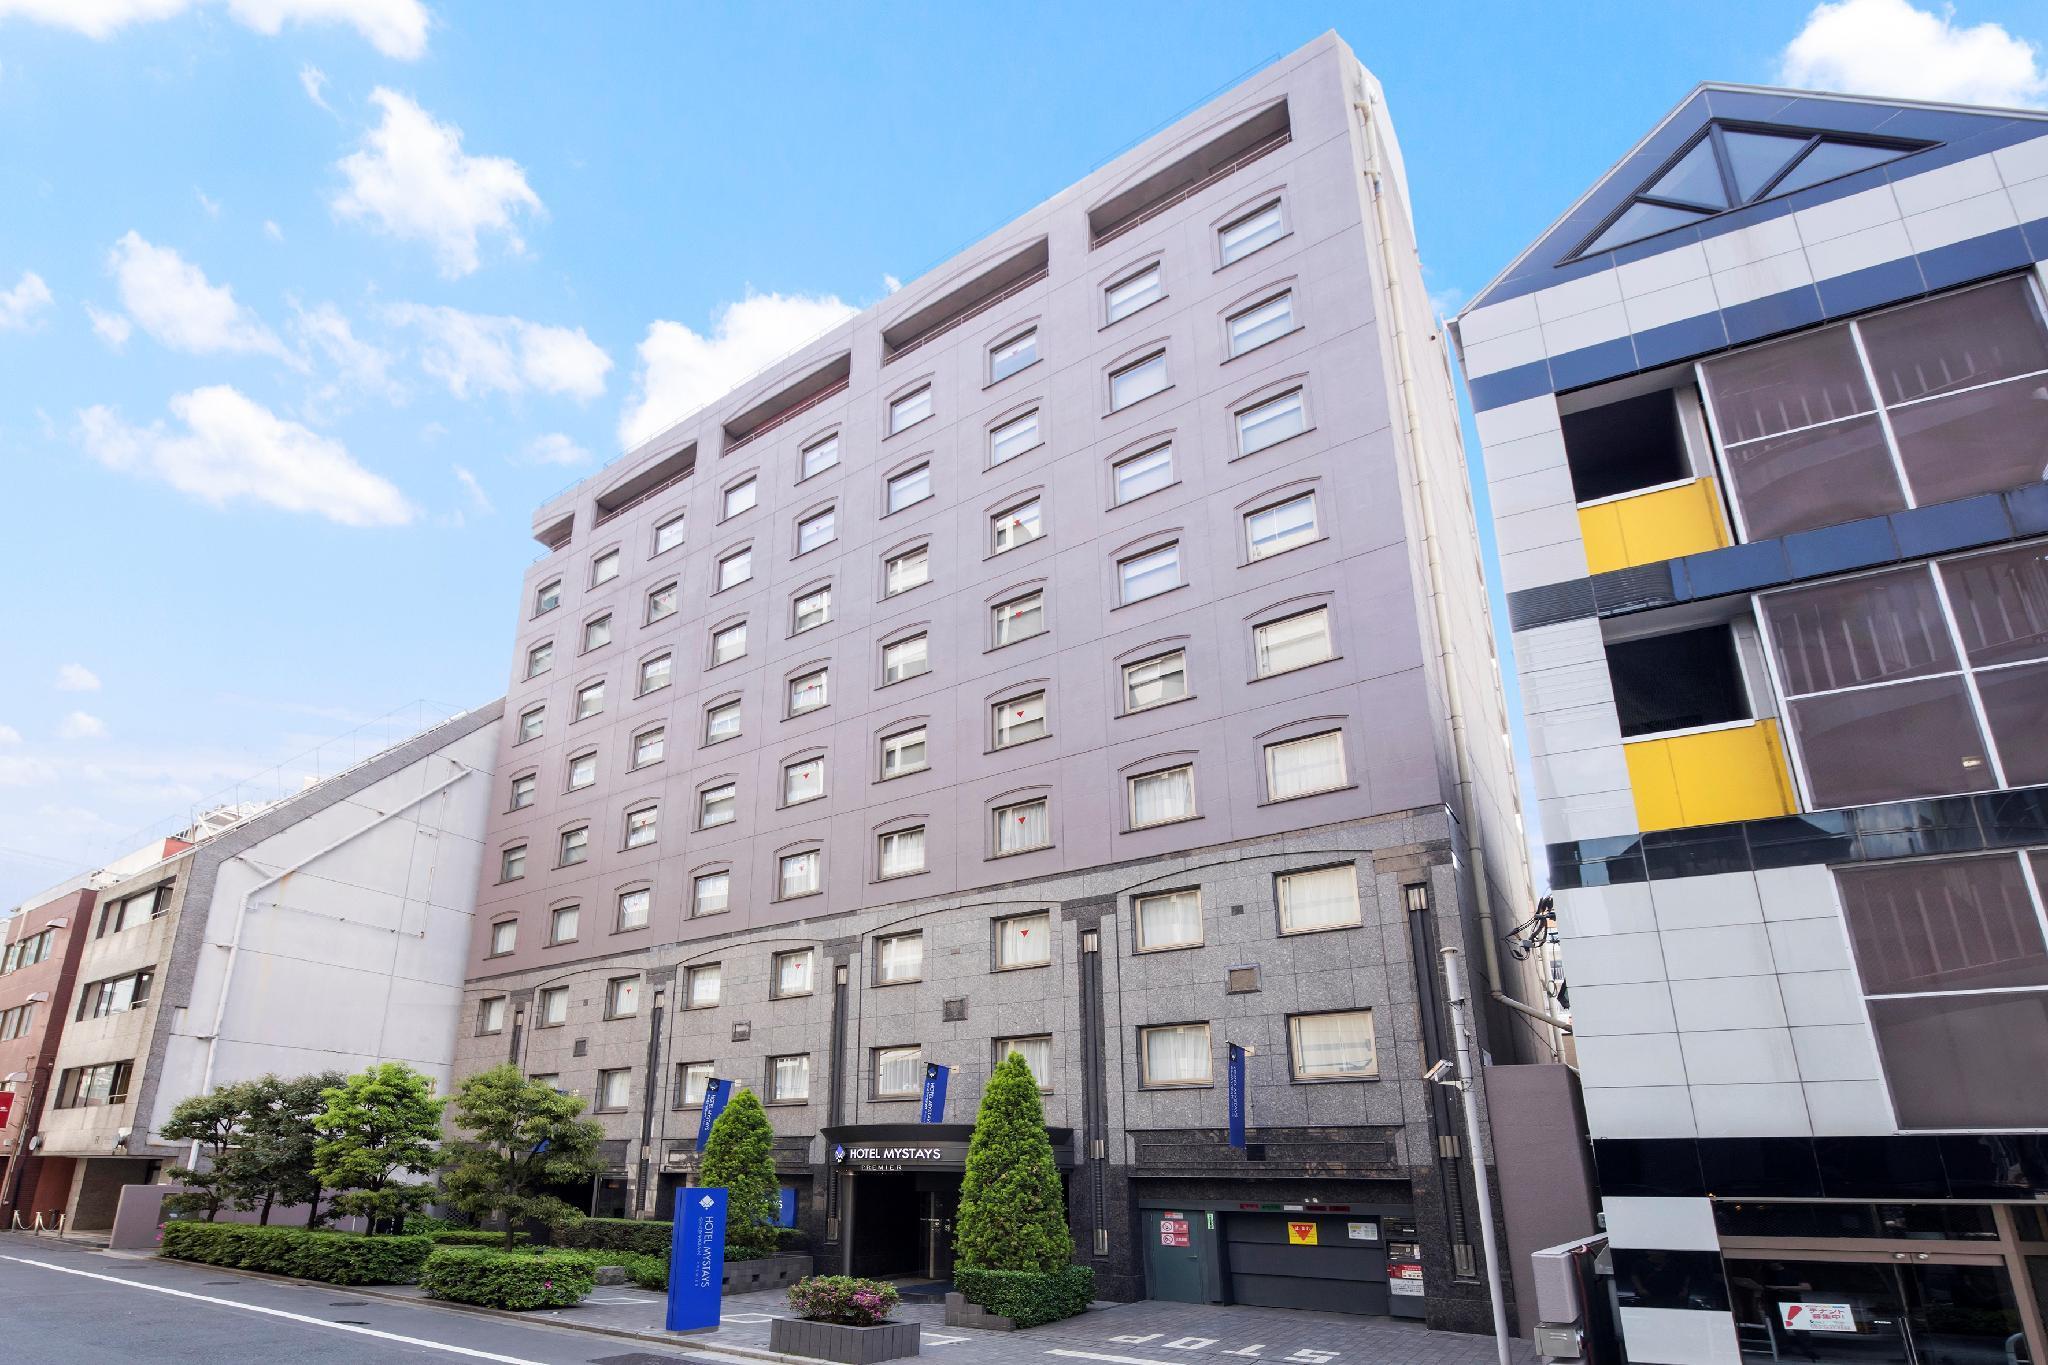 โรงแรมมายสเตย์ พรีเมียร์ ฮะมะมัตสึโชะ